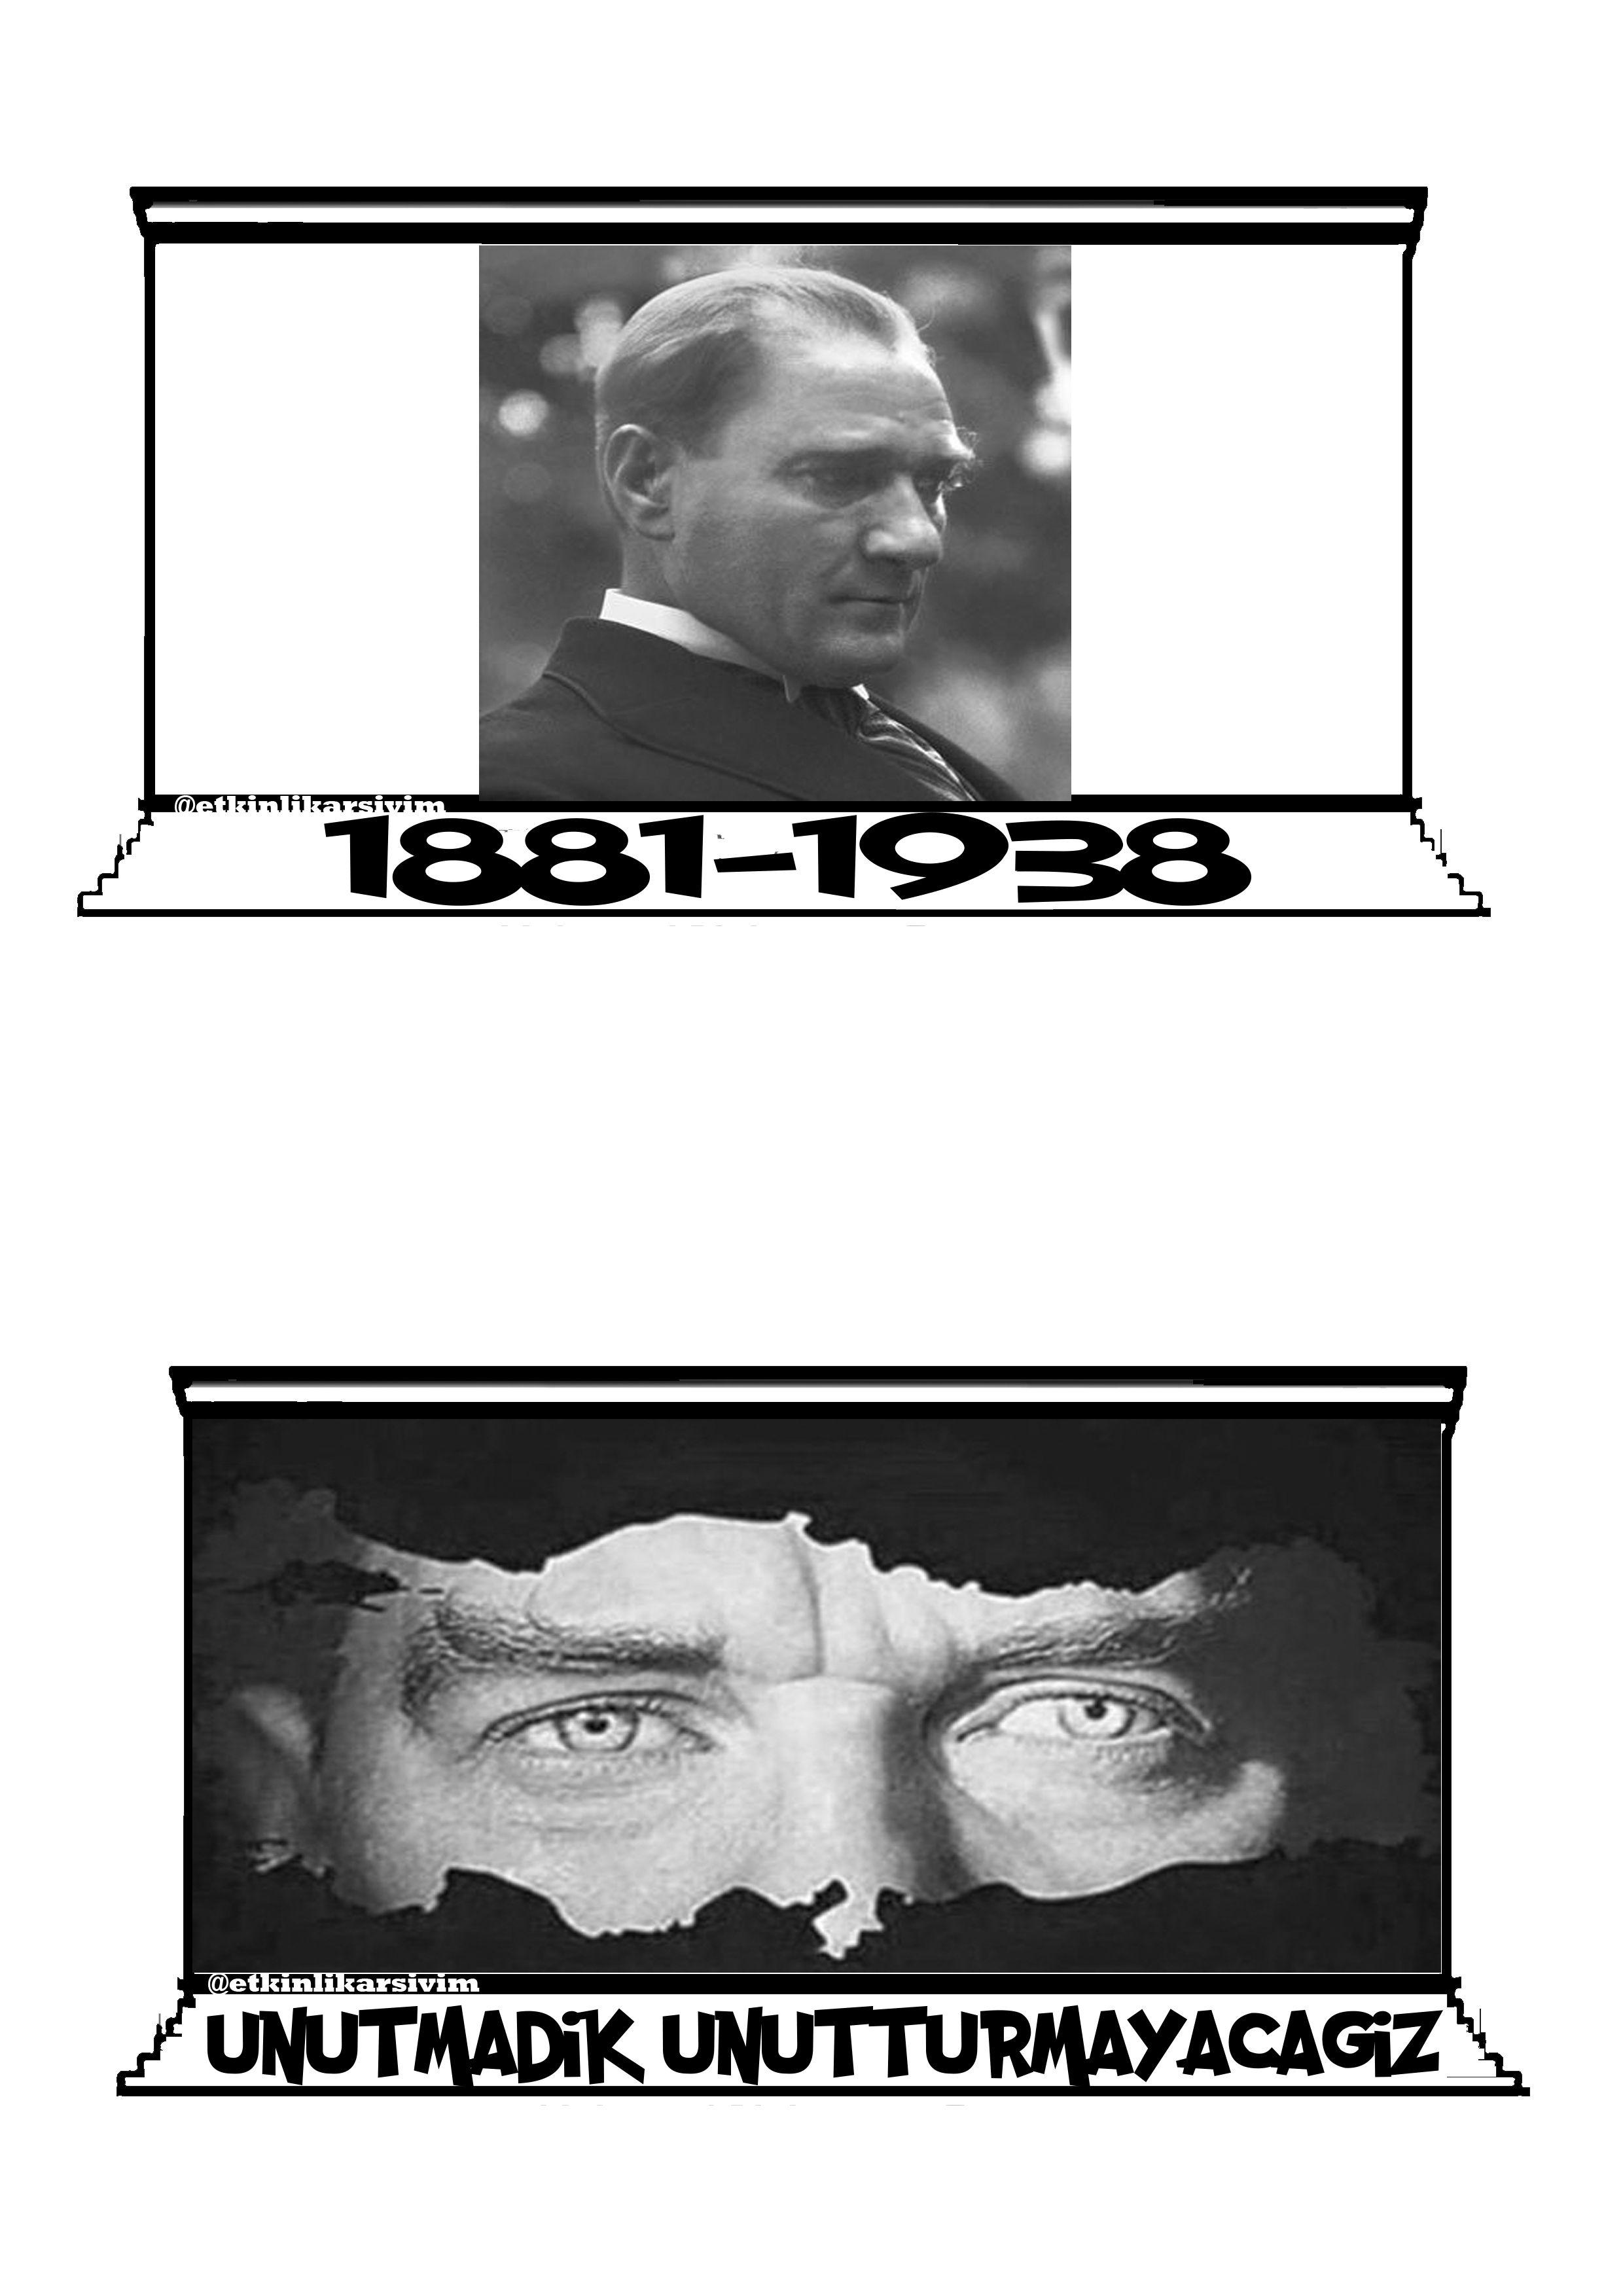 Ayse Kuru Adli Kullanicinin Ataturk Albumu Panosundaki Pin Faaliyetler Boyama Sayfalari Ve Okul